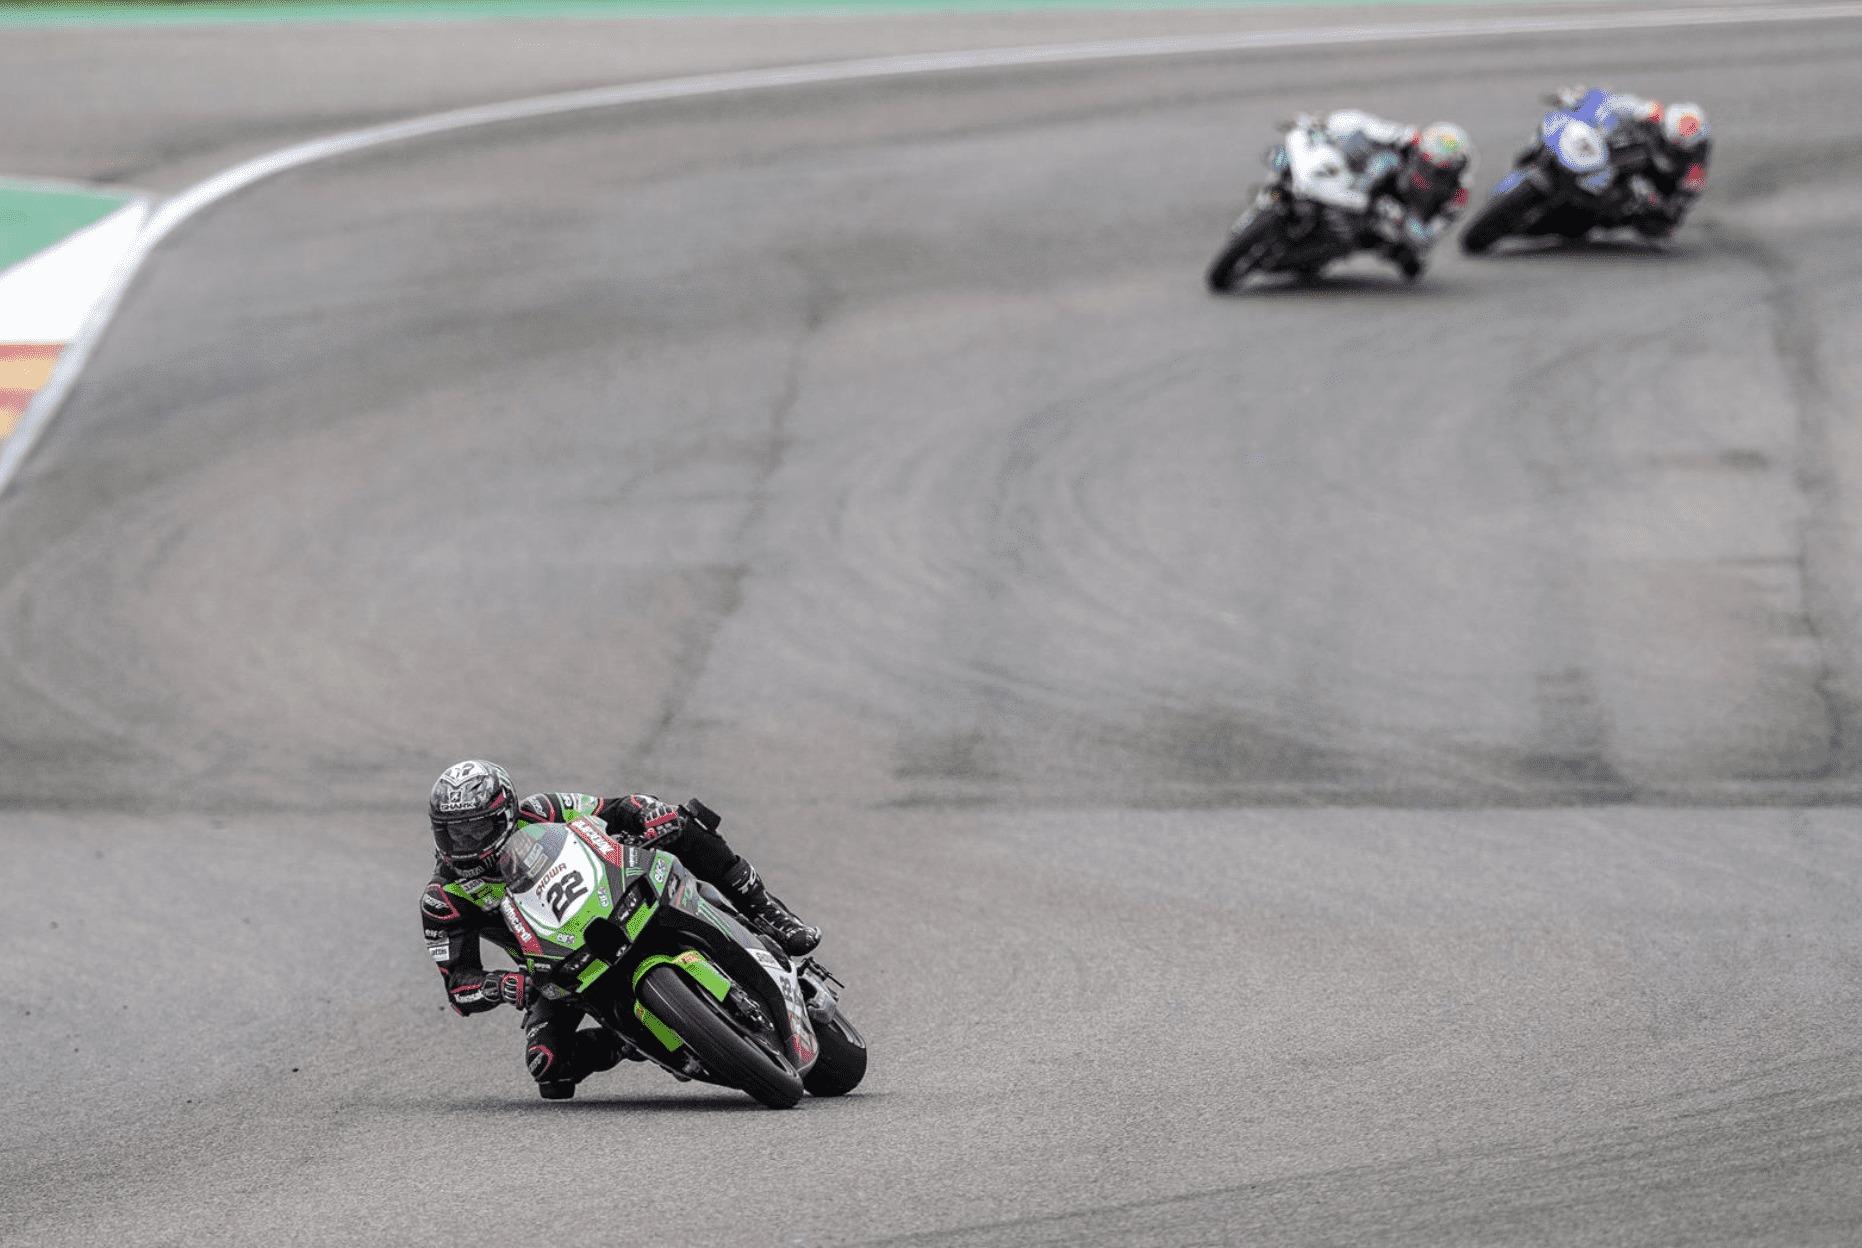 FIM スーパーバイク世界選手権(SBK)2021アラゴン戦 レース2 3位アレックス・ロウズ「レース2でレディングについていくのは無理だった」